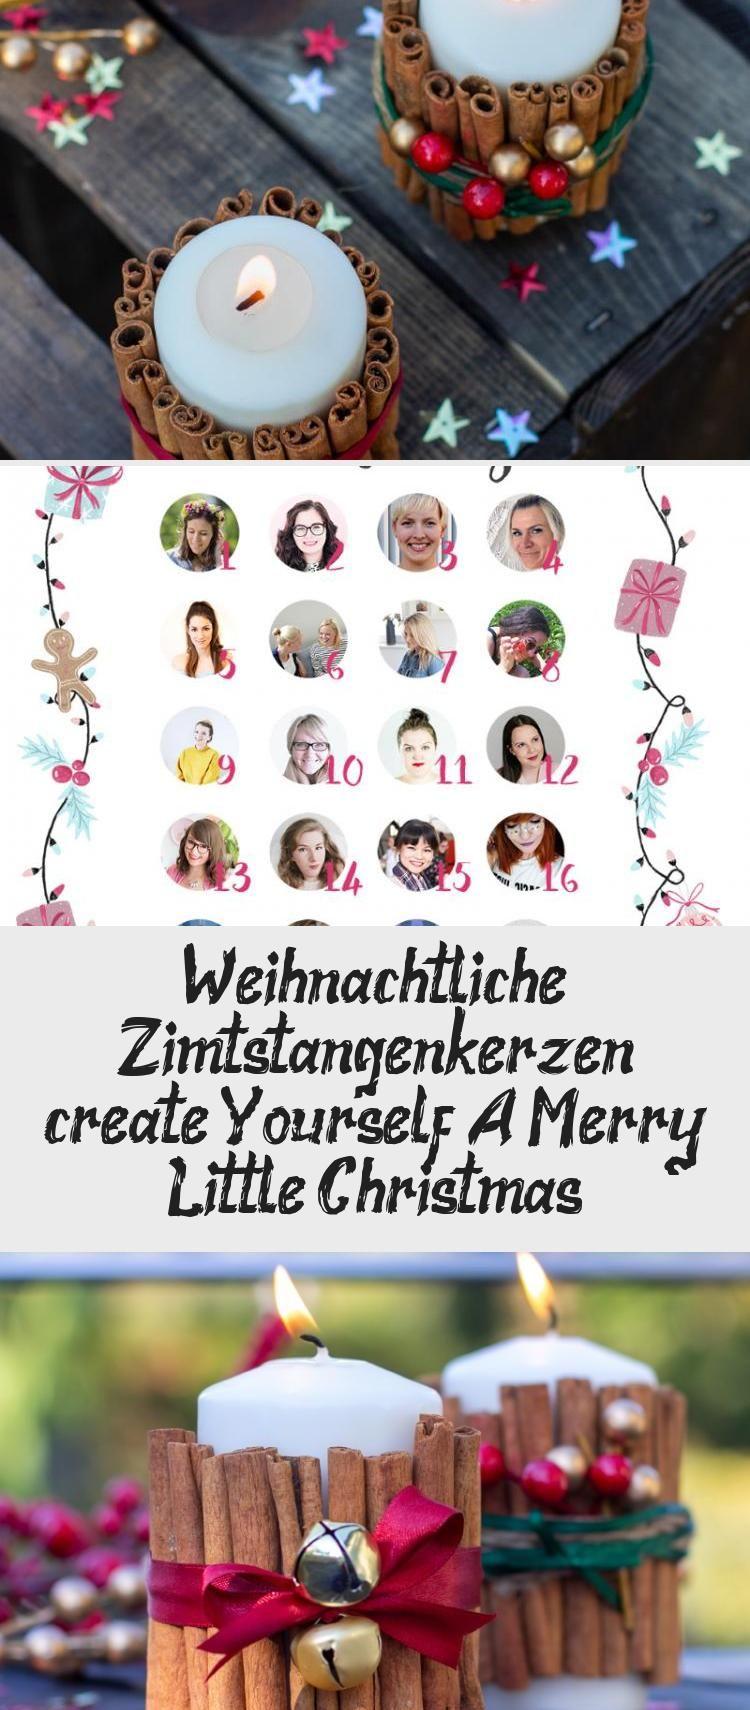 Weihnachtliche Zimtstangen Kerzen Create Yourself A Merry Little Christmas Table Decorations Decor Home Decor